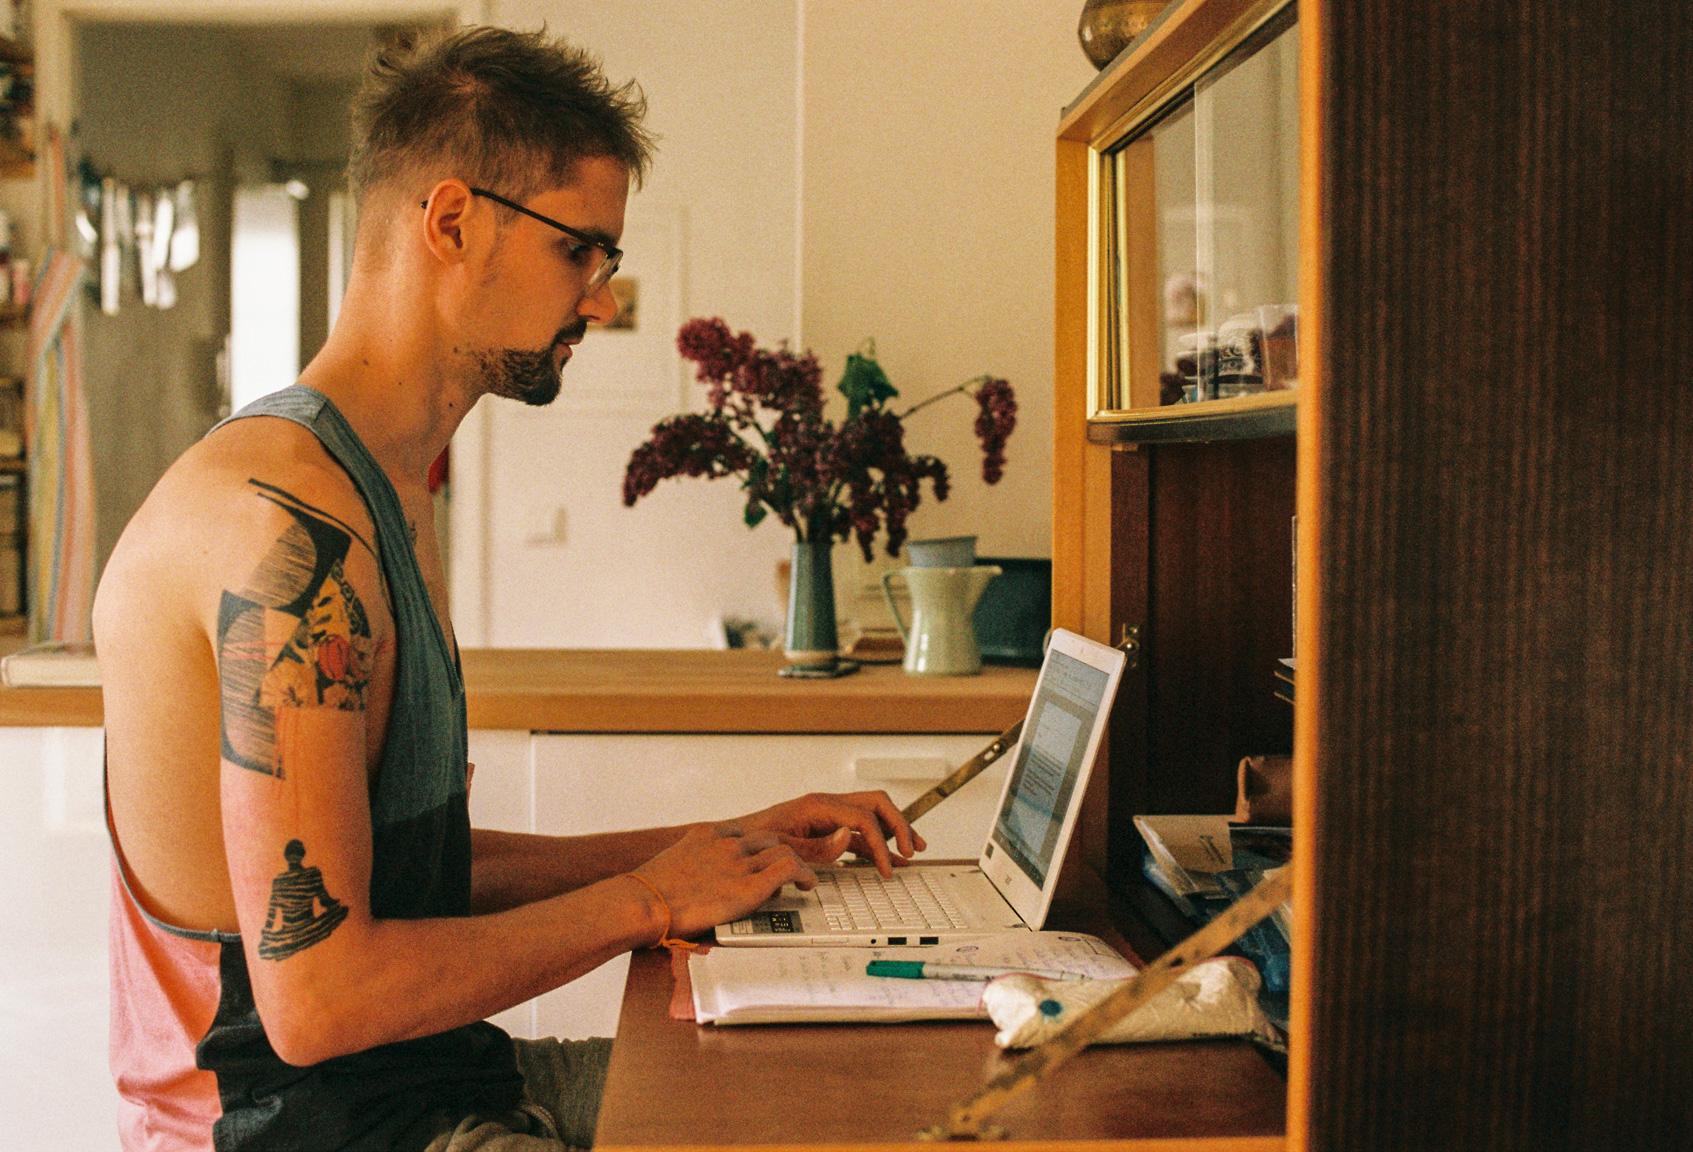 Bild zeigt mich beim Schreiben am Computer auf meinem Arbeitsoplatz. Im HIntergrund steht ein Flieder und das Licht ist goldig-gelb.